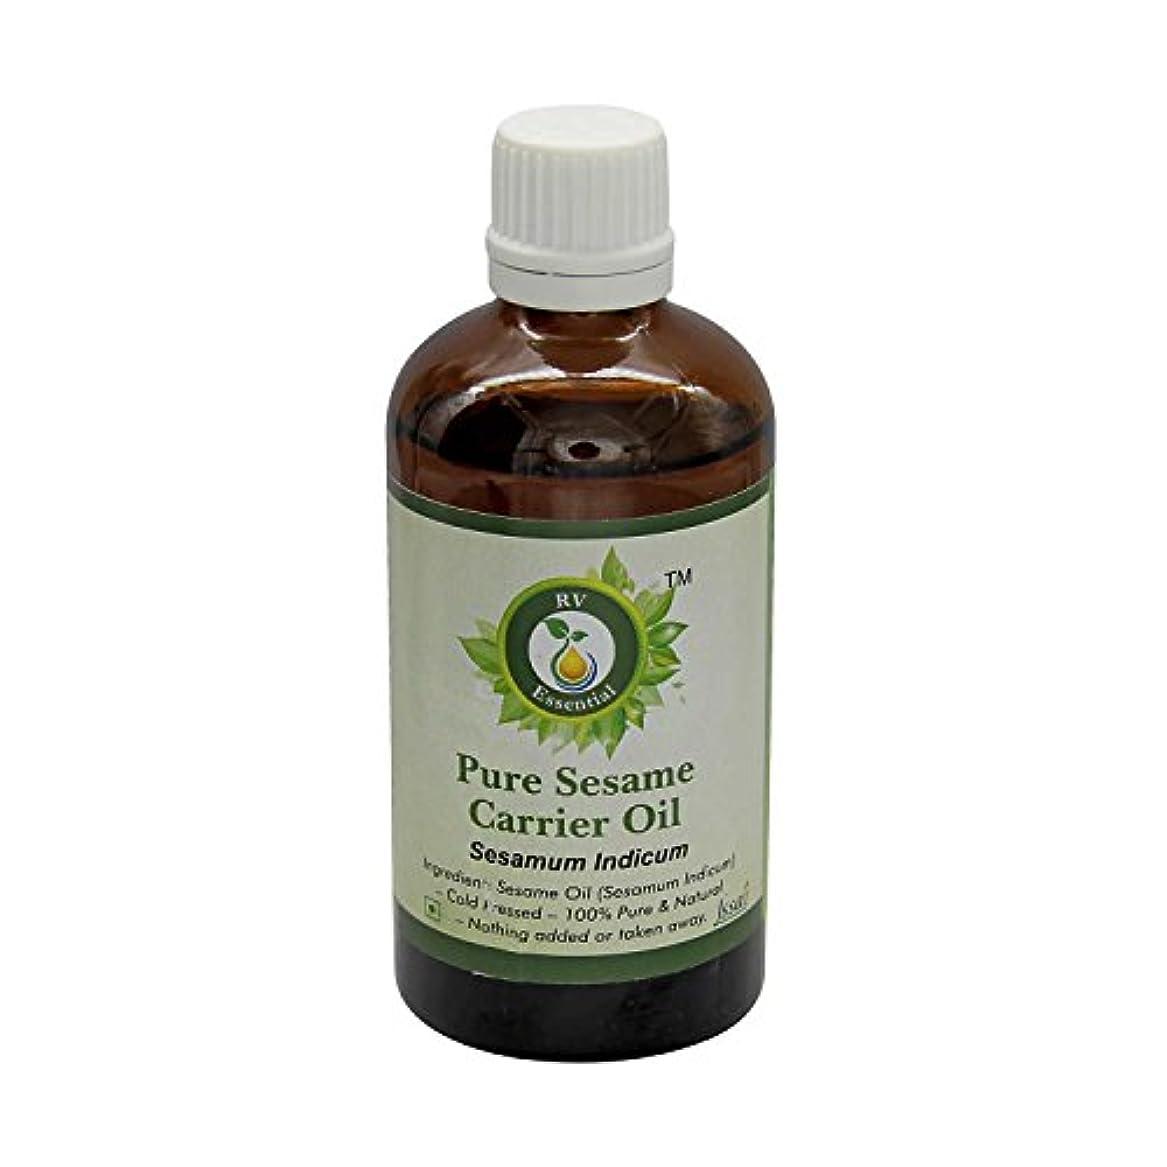 食事トロリーバスコーチR V Essential 純粋なごま油15ml (0.507oz)- Sesamum Indicum (100%ピュア&ナチュラルコールドPressed) Pure Sesame Carrier Oil